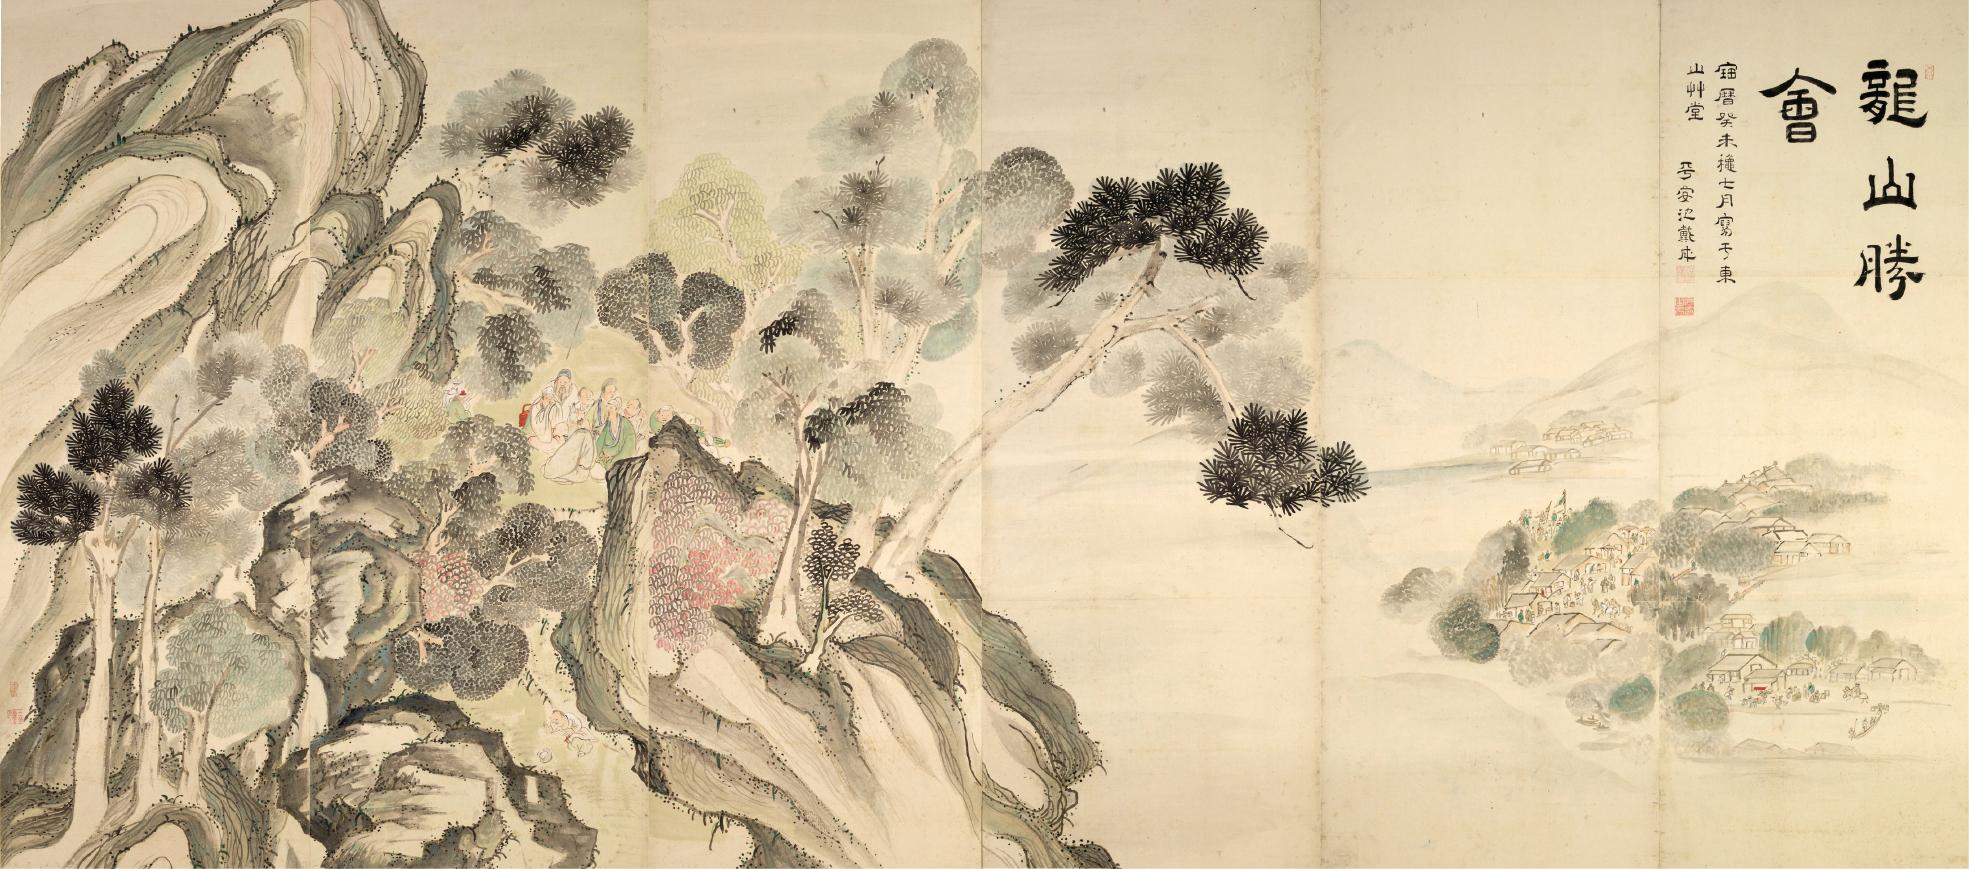 蘭亭曲水・龍山勝会図屏風(左隻) 静岡県立美術館 大雅芸術のひとつの到達点を示す記念碑的作品。重文に指定されている。